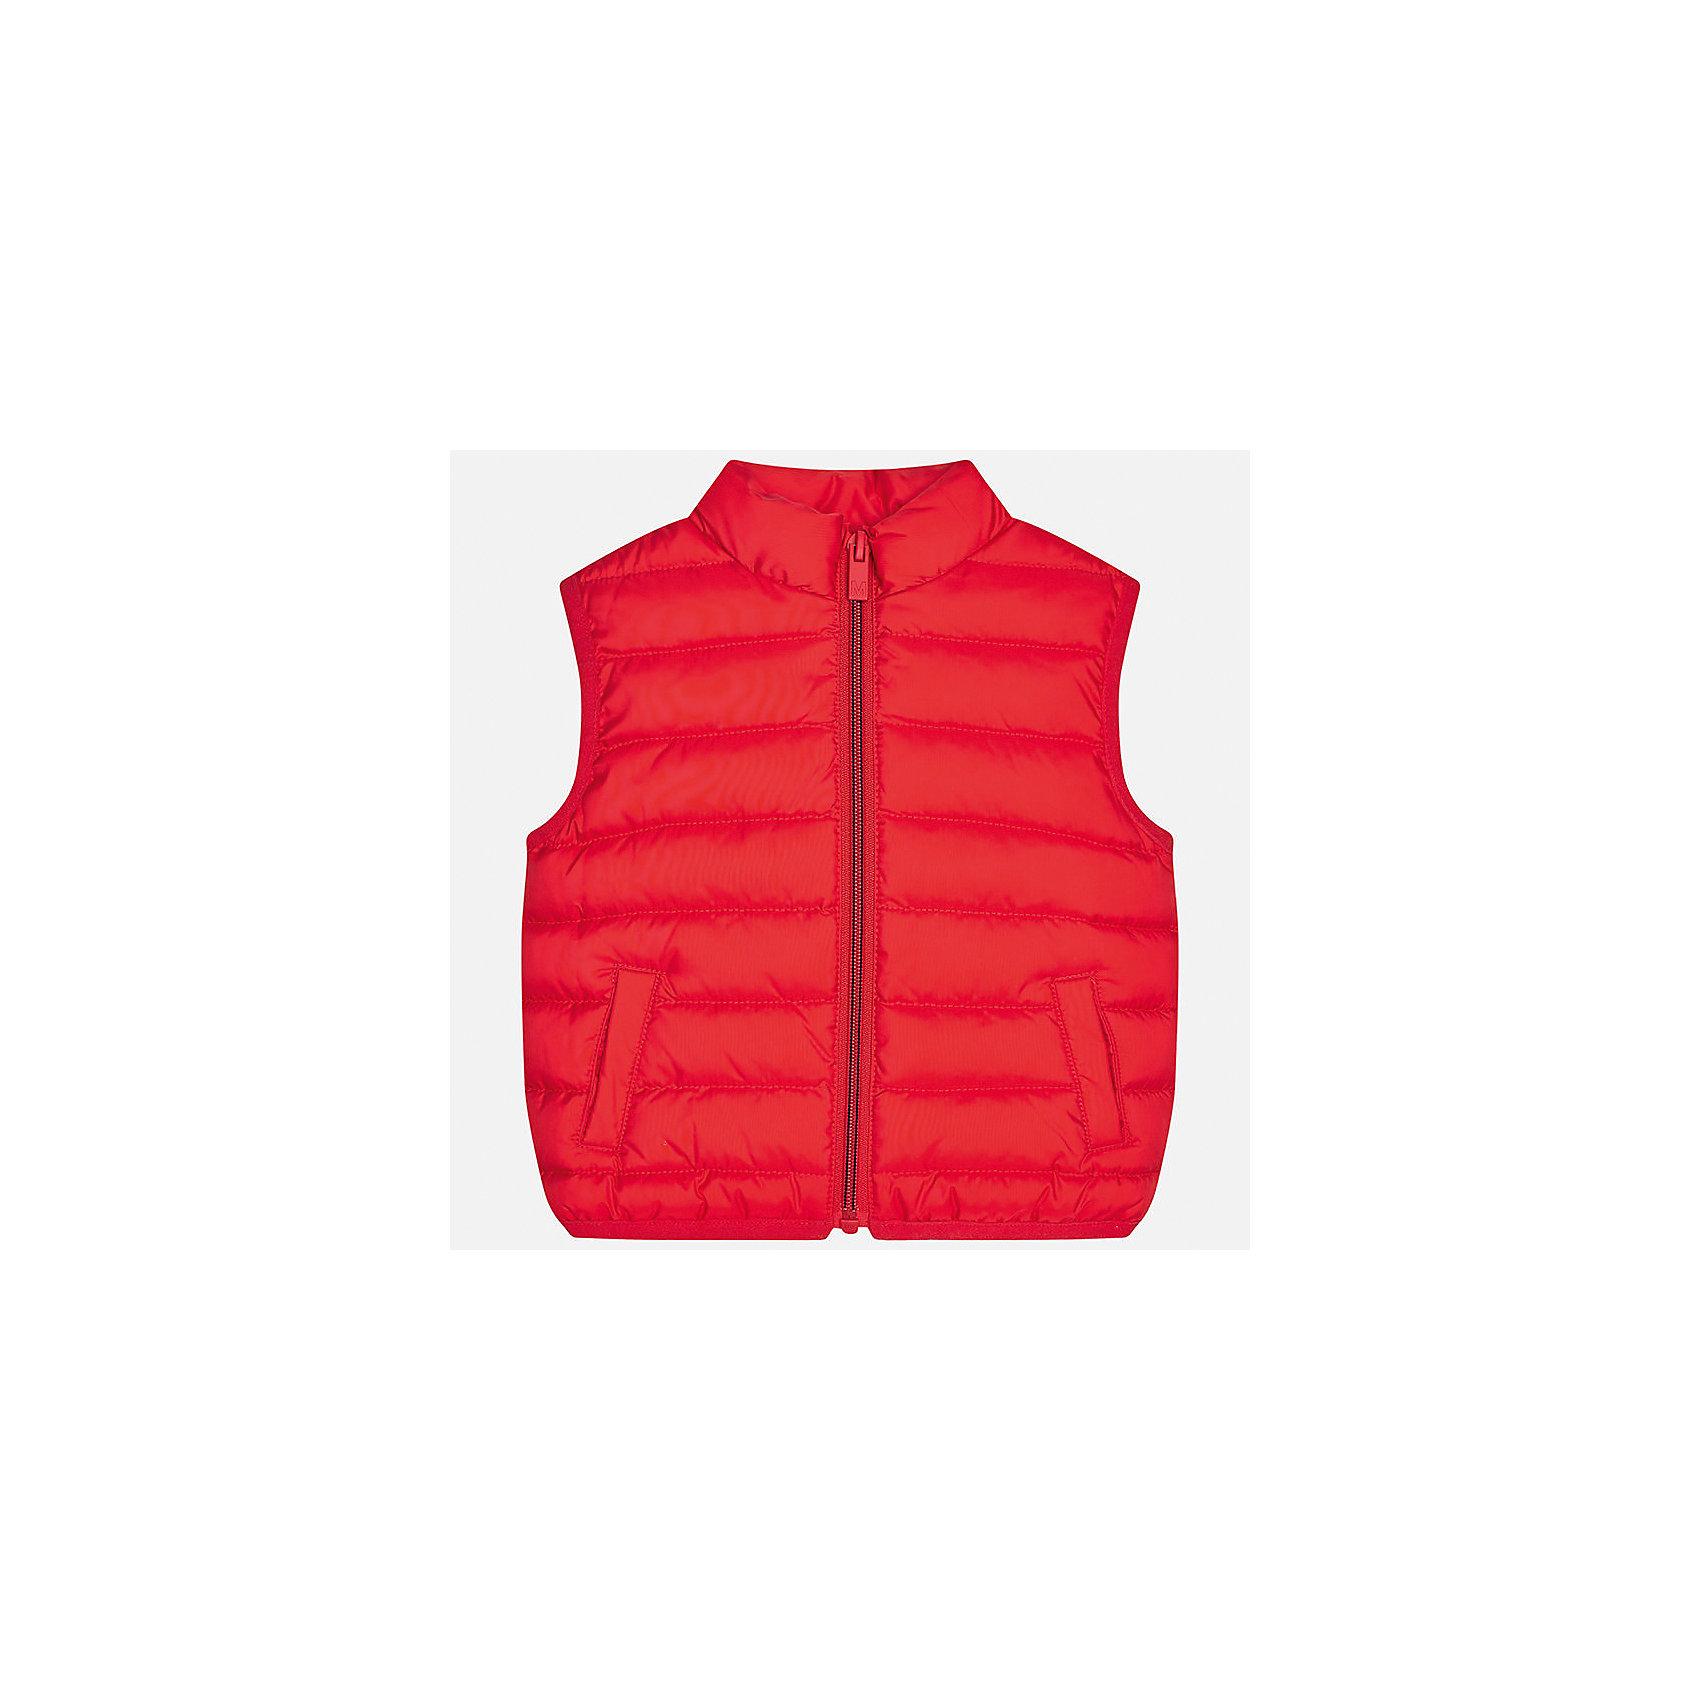 Жилет для мальчика MayoralВерхняя одежда<br>Характеристики товара:<br><br>• цвет: красный<br>• состав: 100% полиэстер<br>• температурный режим: +10°до +20°С<br>• без рукавов<br>• карманы<br>• молния <br>• воротник - стойка<br>• страна бренда: Испания<br><br>Стильный жилет для мальчика поможет разнообразить гардероб ребенка и обеспечить тепло. Он отлично сочетается и с джинсами, и с брюками. Универсальный цвет позволяет подобрать к вещи низ различных расцветок. Модное и практичное изделие.<br><br>Одежда, обувь и аксессуары от испанского бренда Mayoral полюбились детям и взрослым по всему миру. Модели этой марки - стильные и удобные. Для их производства используются только безопасные, качественные материалы и фурнитура. Порадуйте ребенка модными и красивыми вещами от Mayoral! <br><br>Жилет для мальчика от испанского бренда Mayoral (Майорал) можно купить в нашем интернет-магазине.<br><br>Ширина мм: 190<br>Глубина мм: 74<br>Высота мм: 229<br>Вес г: 236<br>Цвет: розовый<br>Возраст от месяцев: 18<br>Возраст до месяцев: 24<br>Пол: Мужской<br>Возраст: Детский<br>Размер: 92,80,86<br>SKU: 5279557